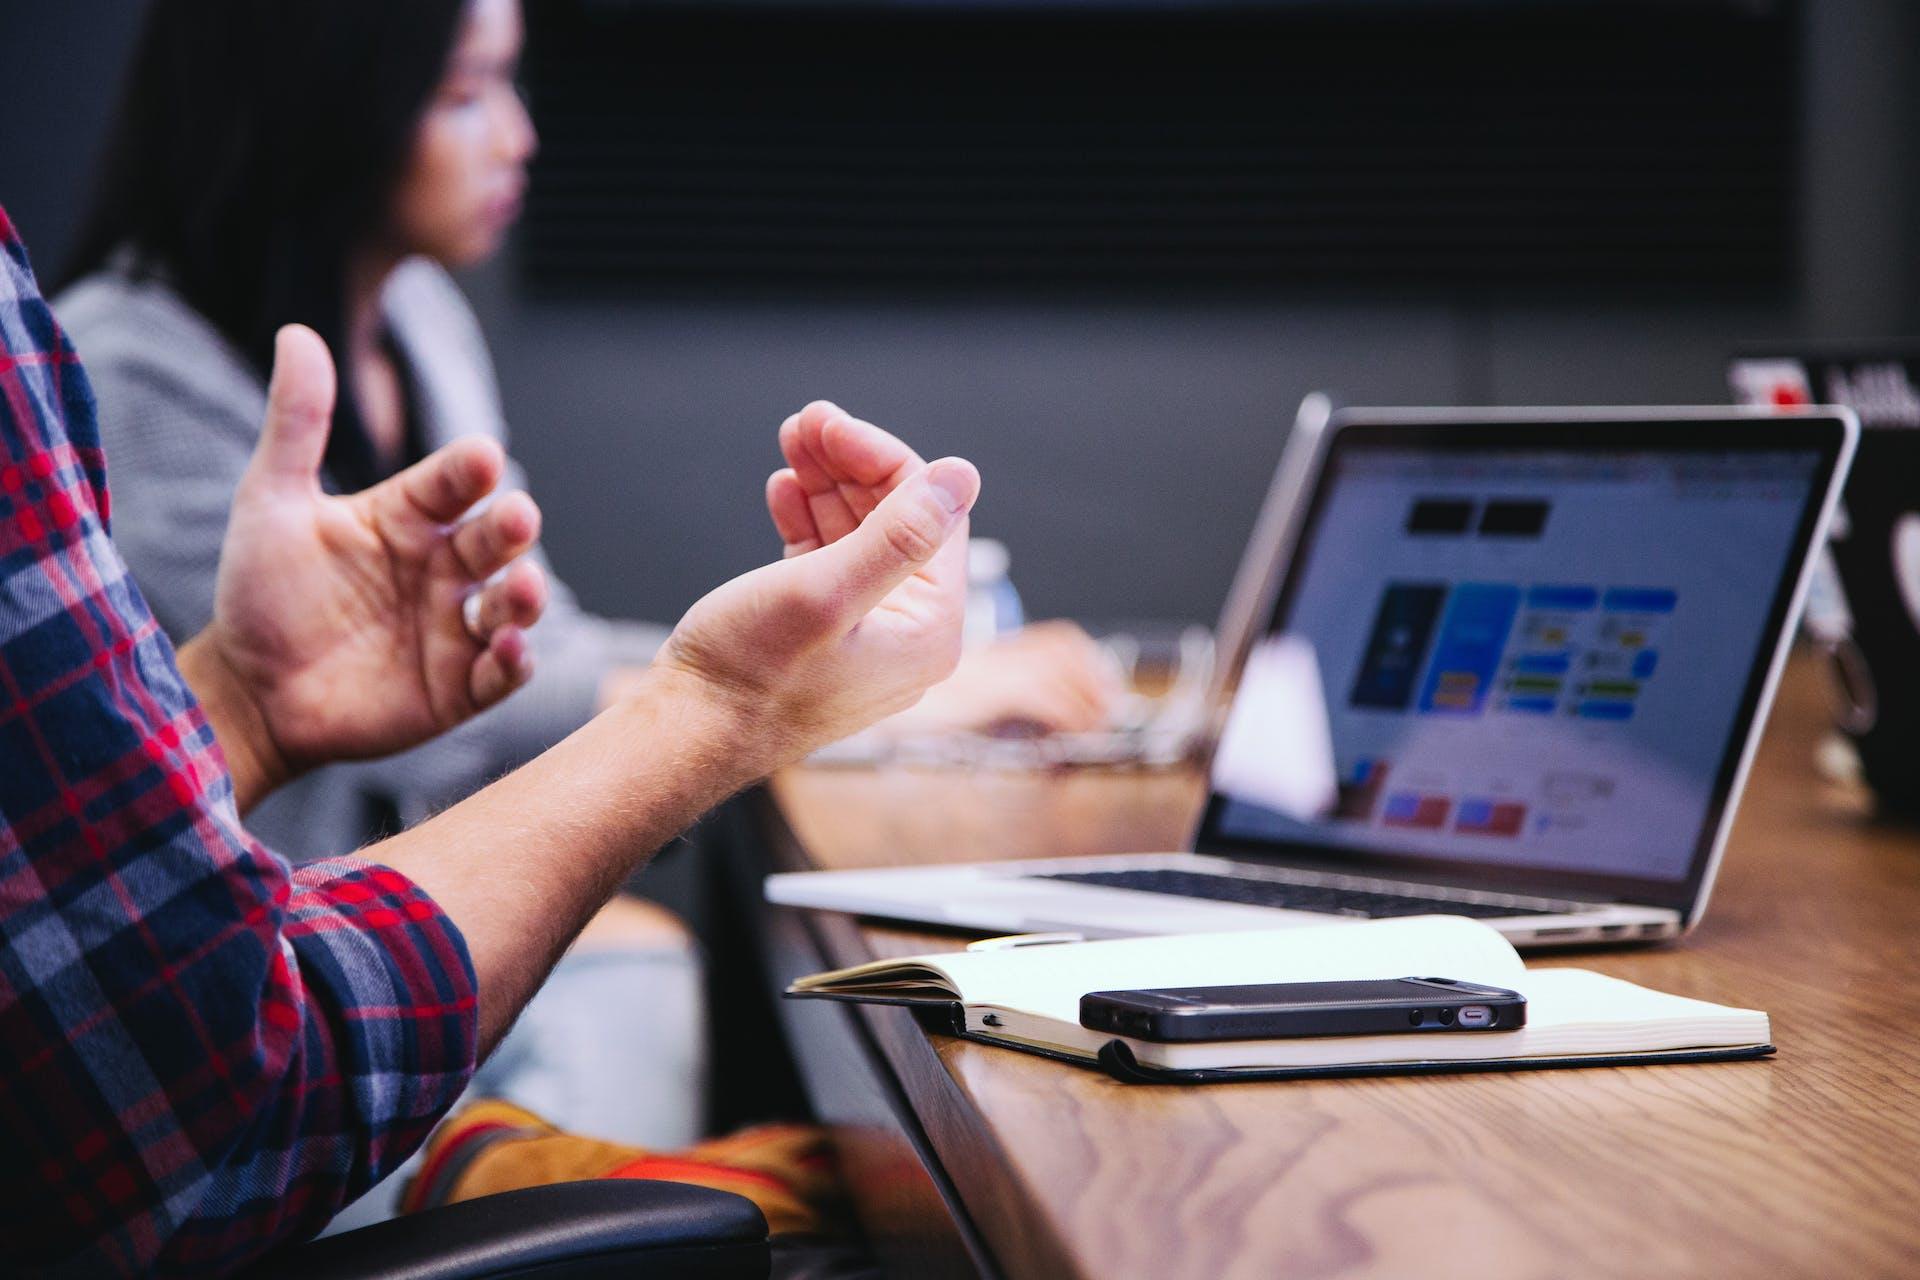 Microsoft Project: ¿cómo gestionar mis proyectos de forma exitosa?